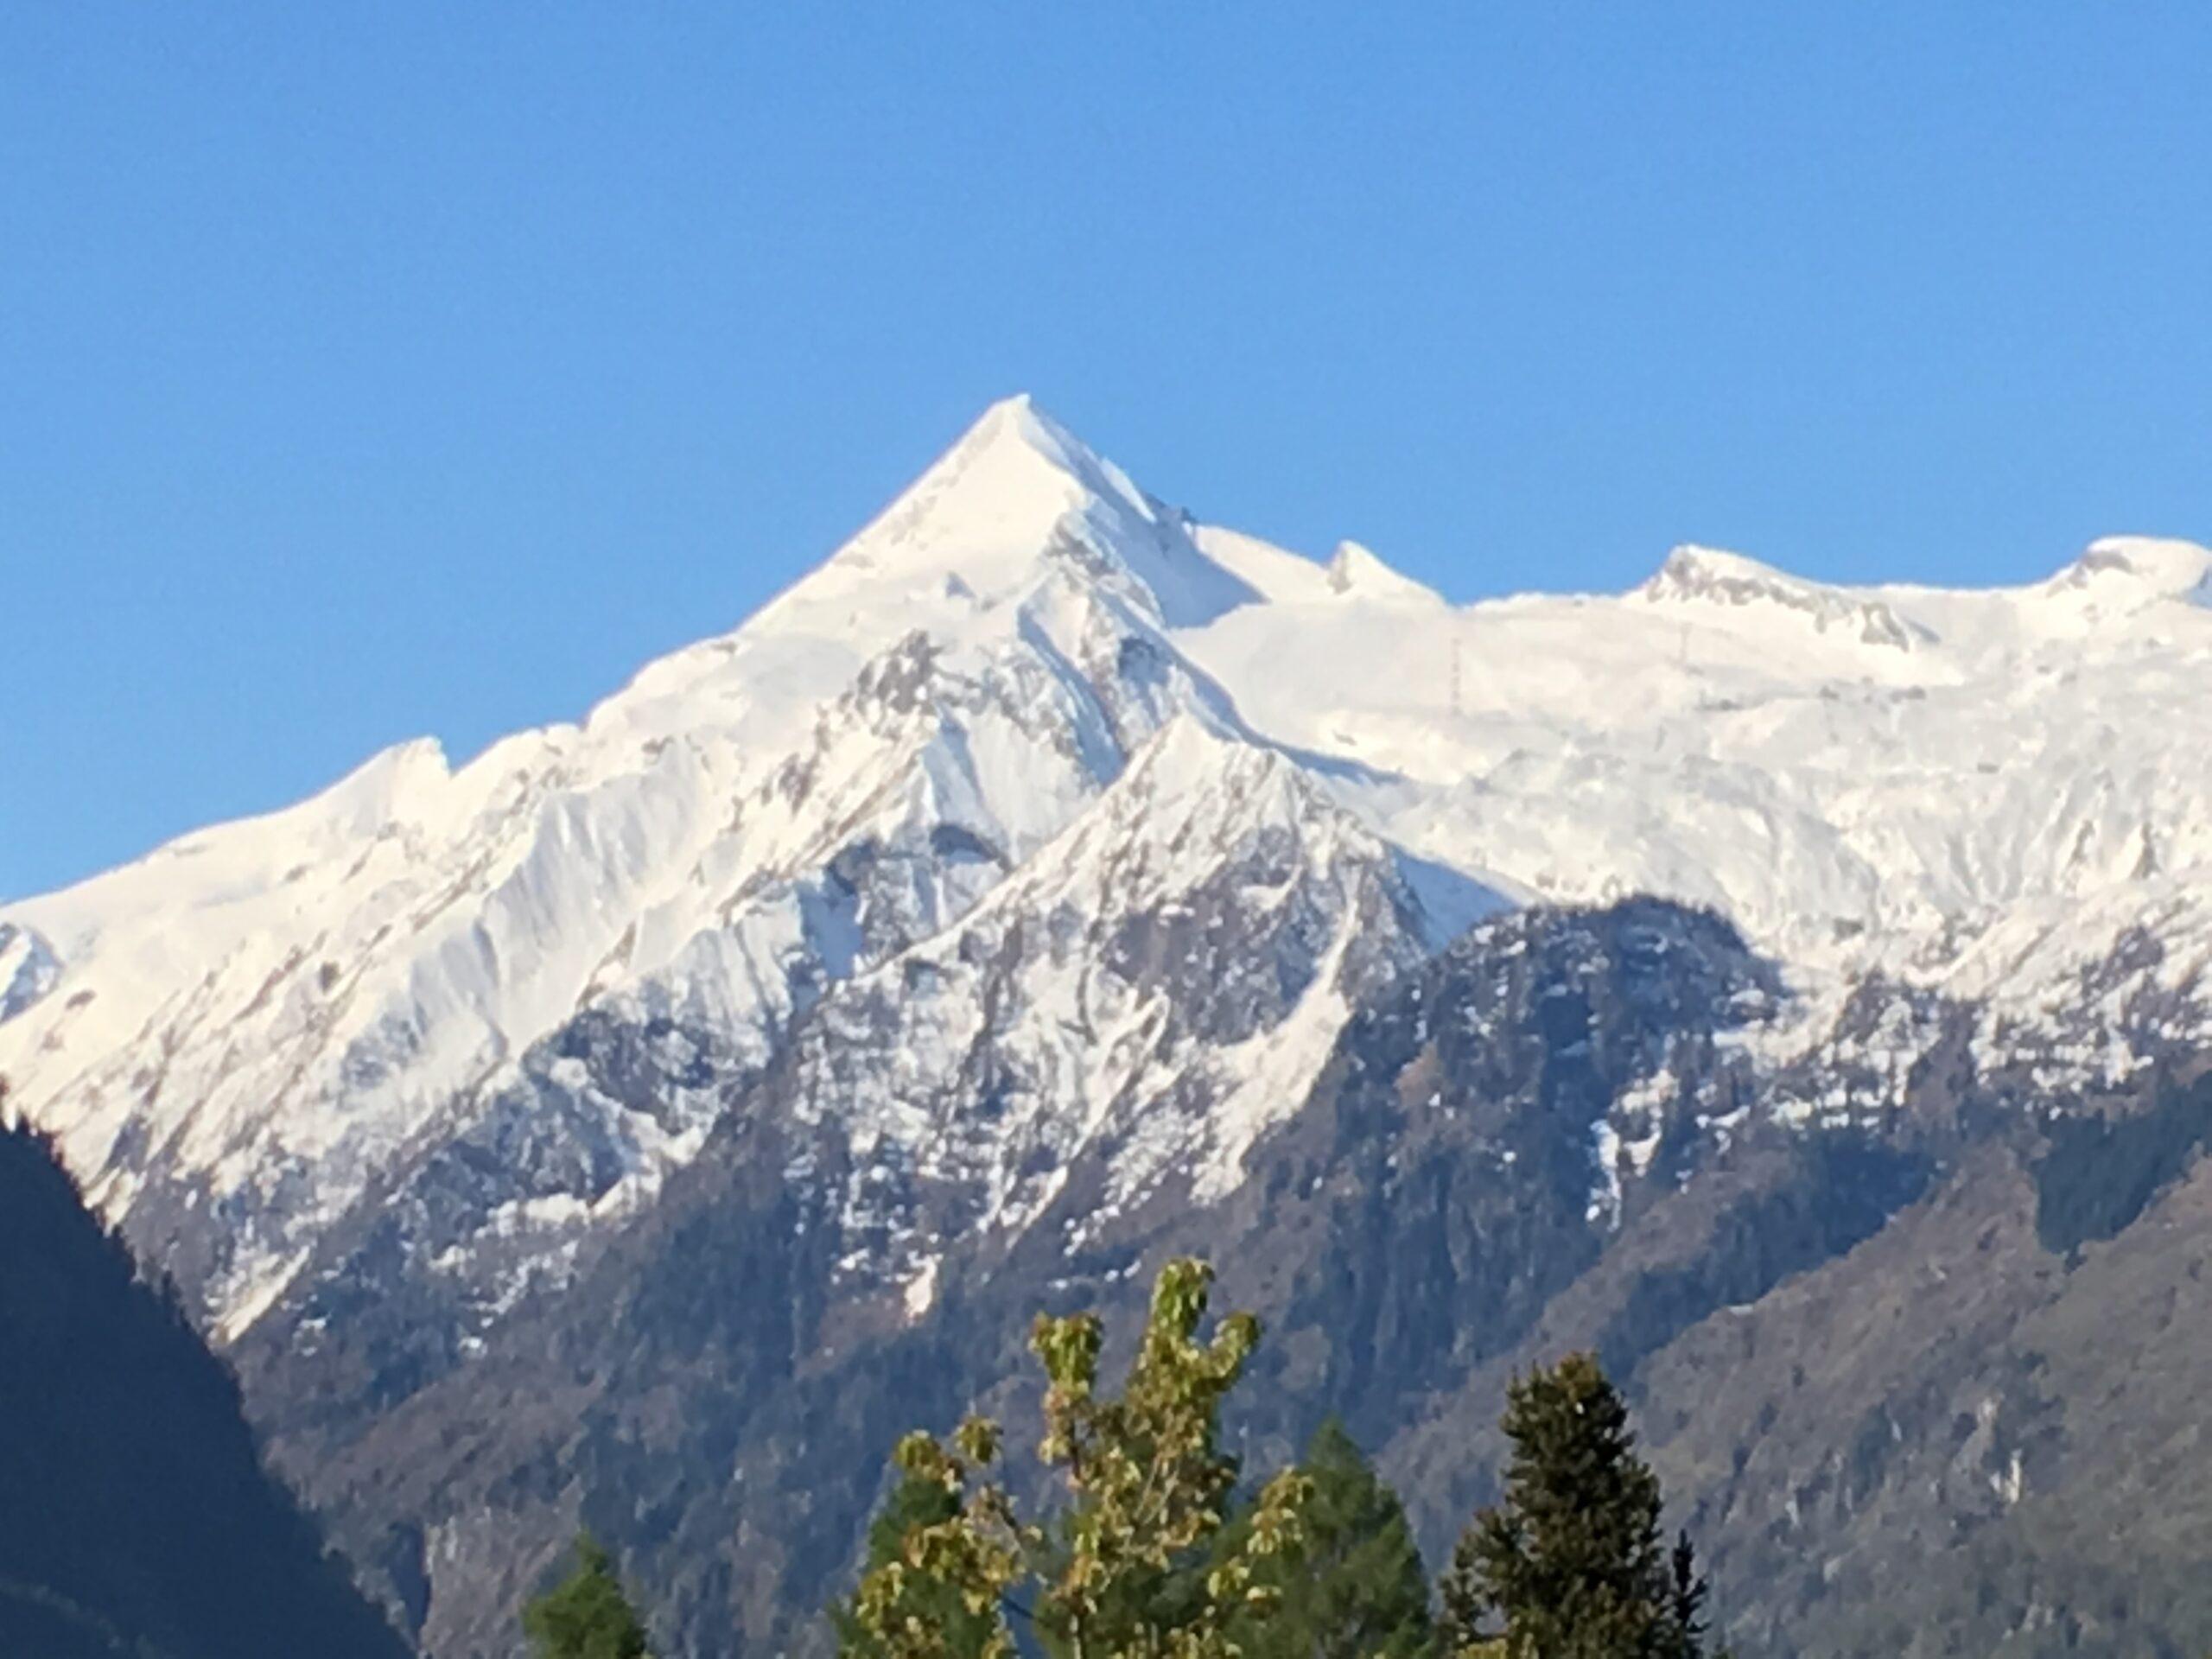 Kitzsteinhorn Gletscher, bereit für den Riesenslalom